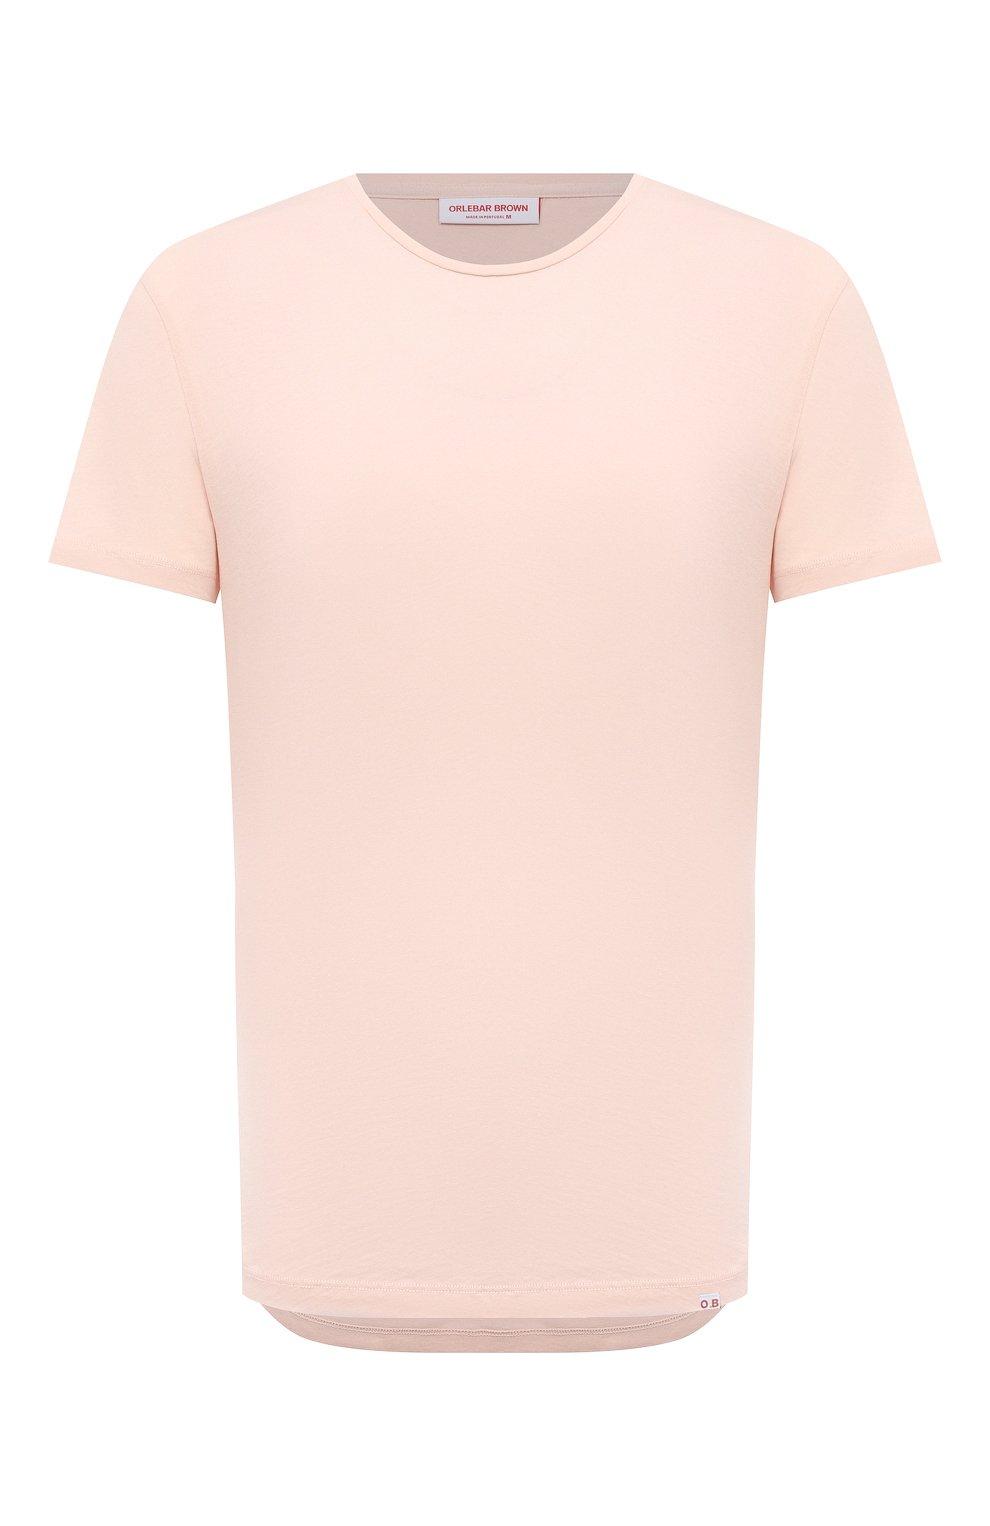 Мужская хлопковая футболка ORLEBAR BROWN бежевого цвета, арт. 274181 | Фото 1 (Кросс-КТ: Пляж; Принт: Без принта; Рукава: Короткие; Длина (для топов): Стандартные; Материал внешний: Хлопок; Стили: Кэжуэл)